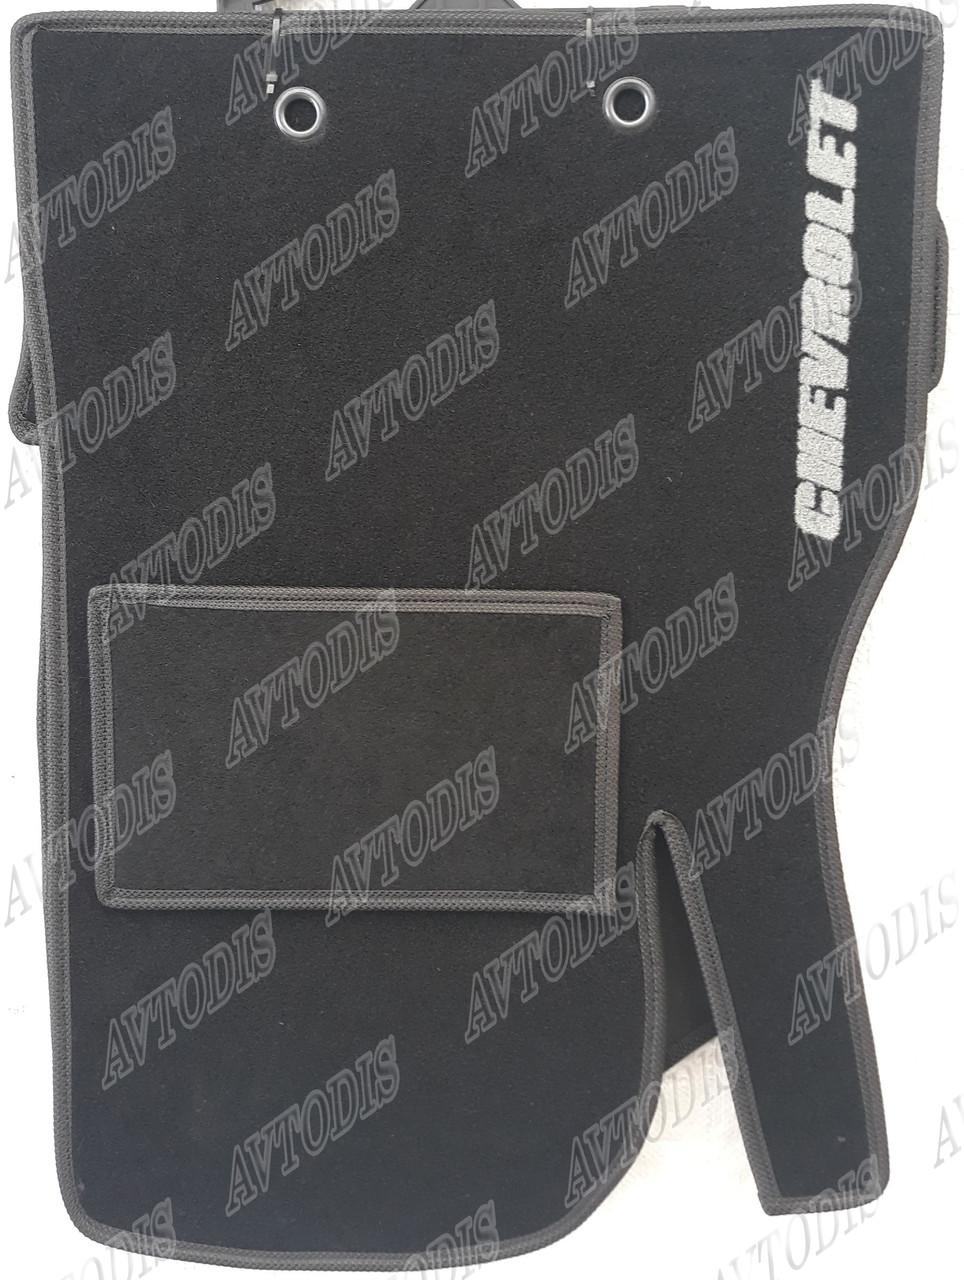 Ворсовые коврики Chevrolet Tacuma 2002- VIP ЛЮКС АВТО-ВОРС